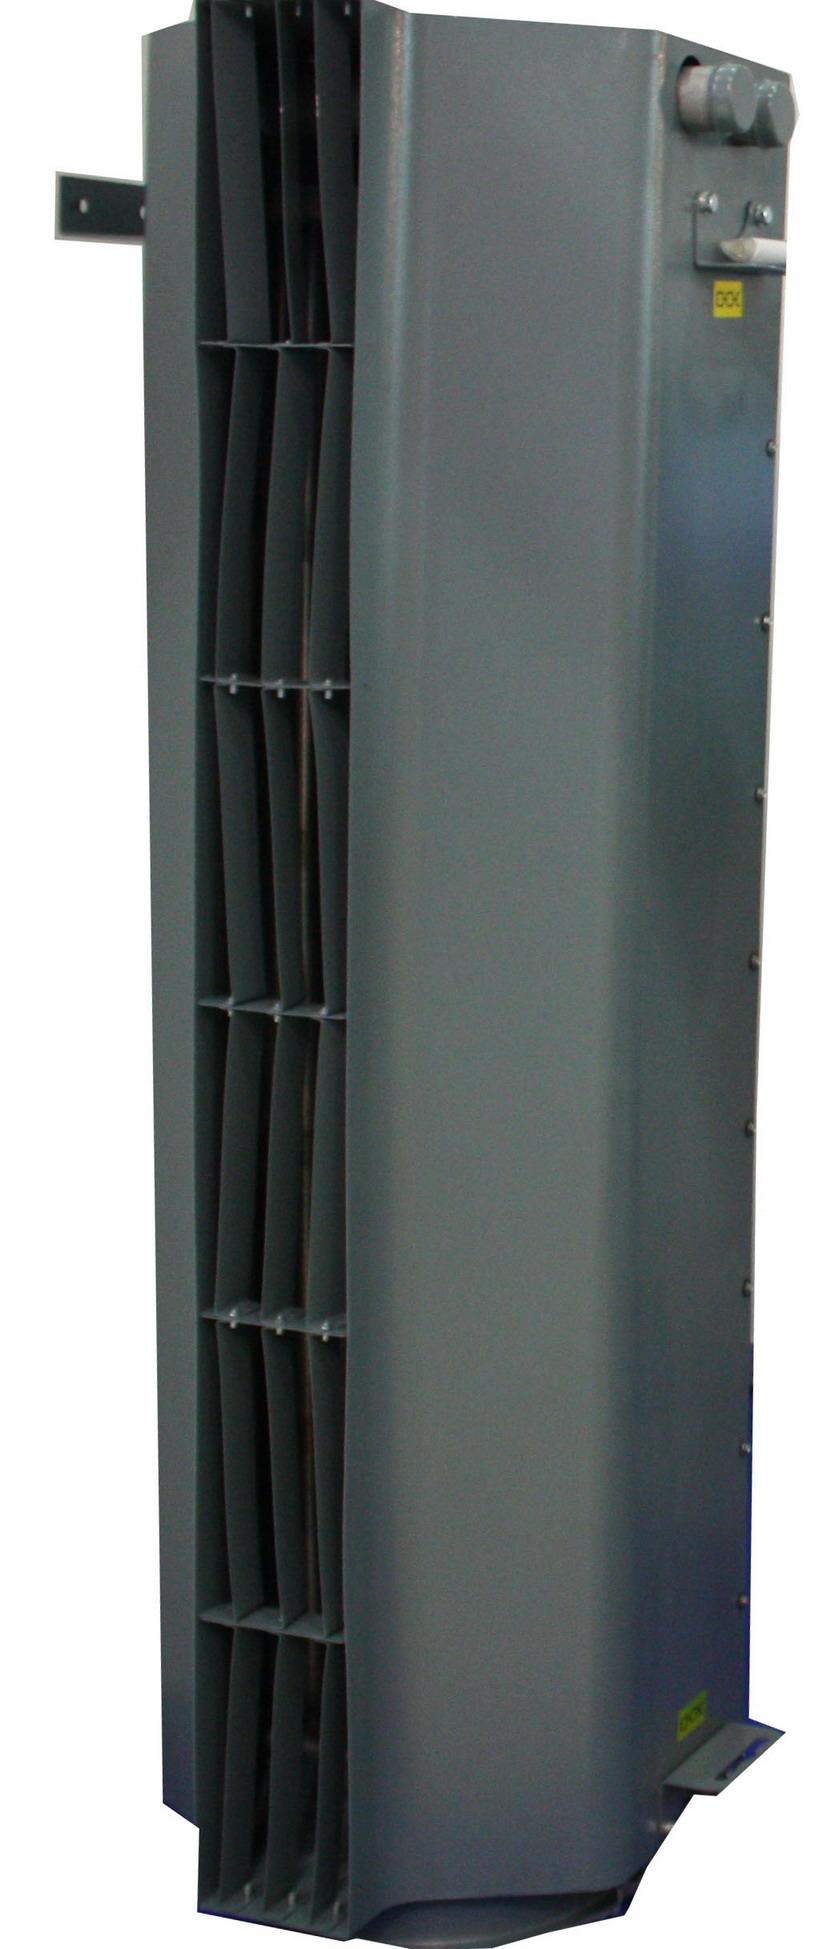 Тепловая завеса ТПЗ-3000 с производительностью по воздуху 17500 м3/час